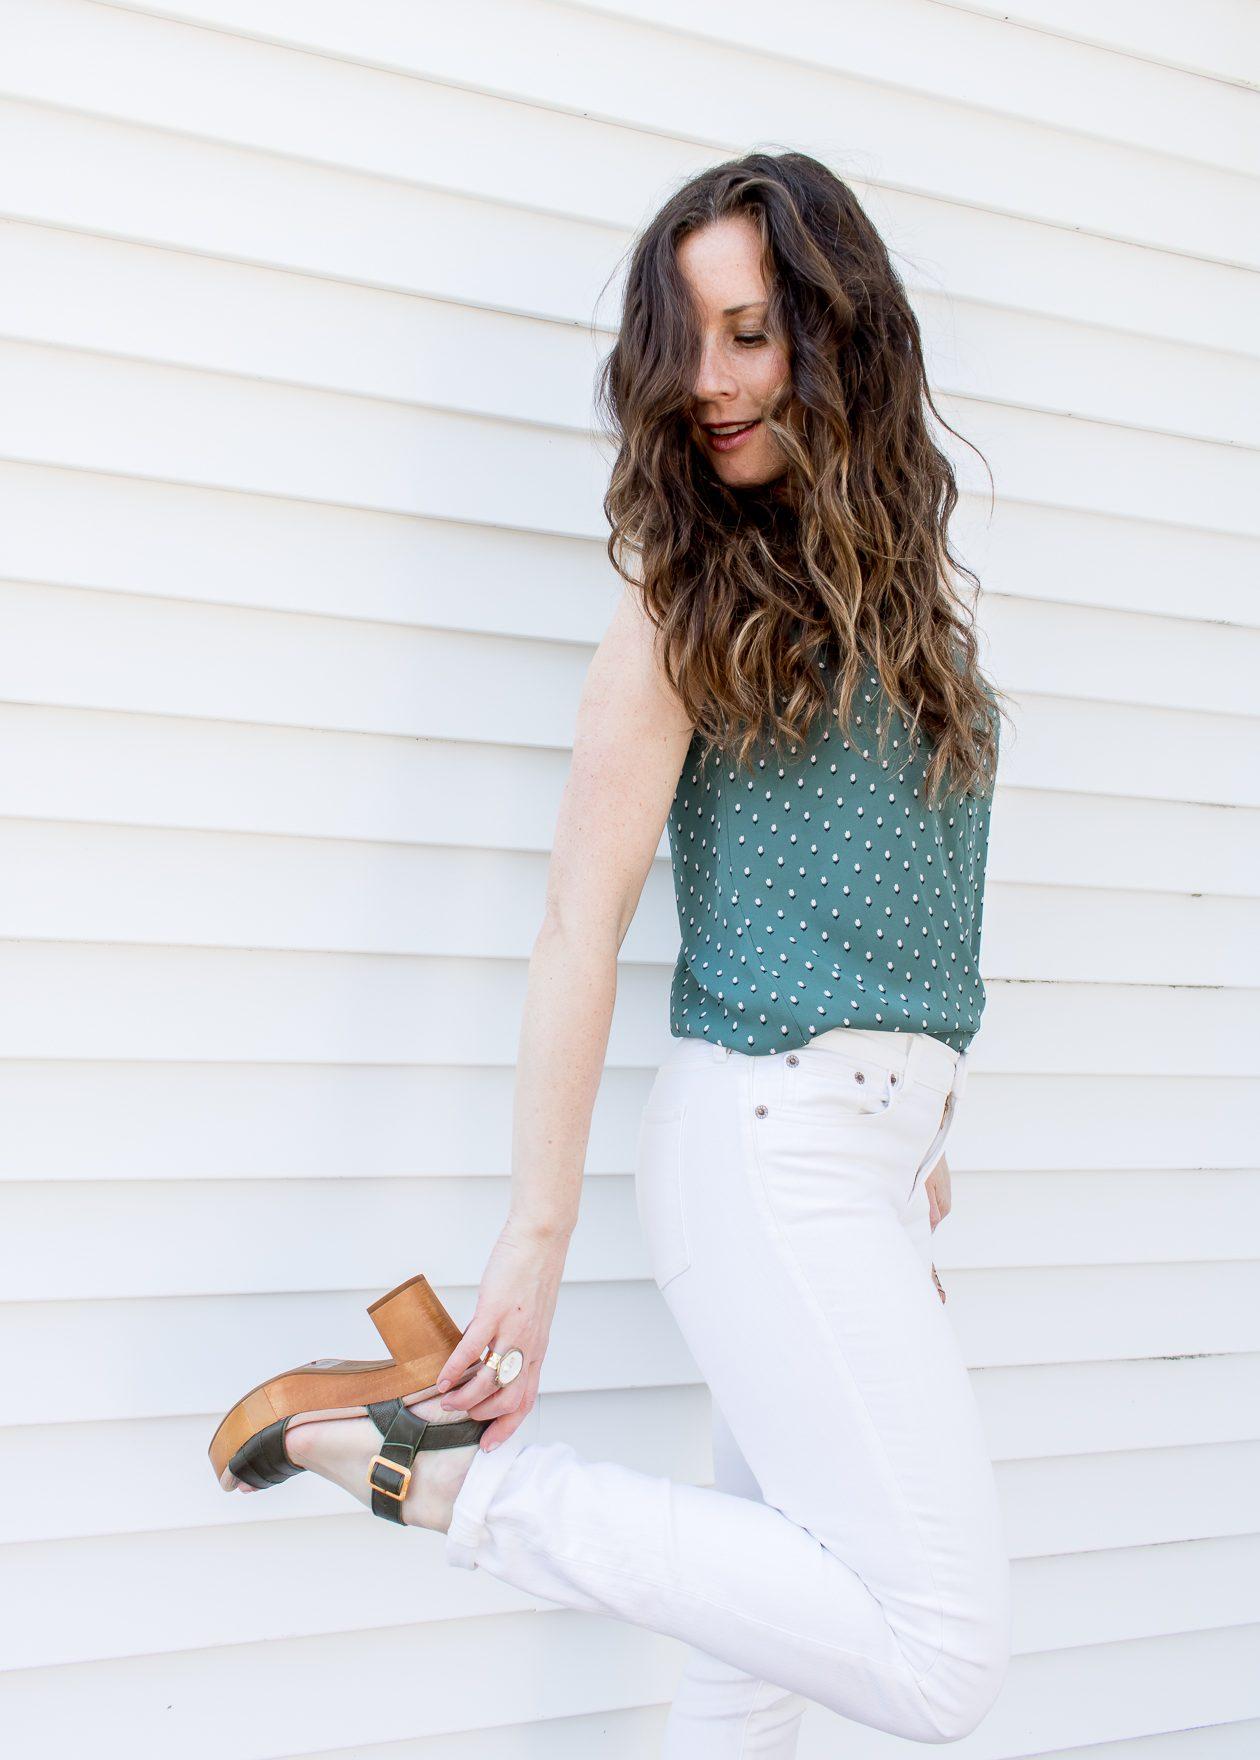 Woman holding platform sandal wearing white denim with green tank